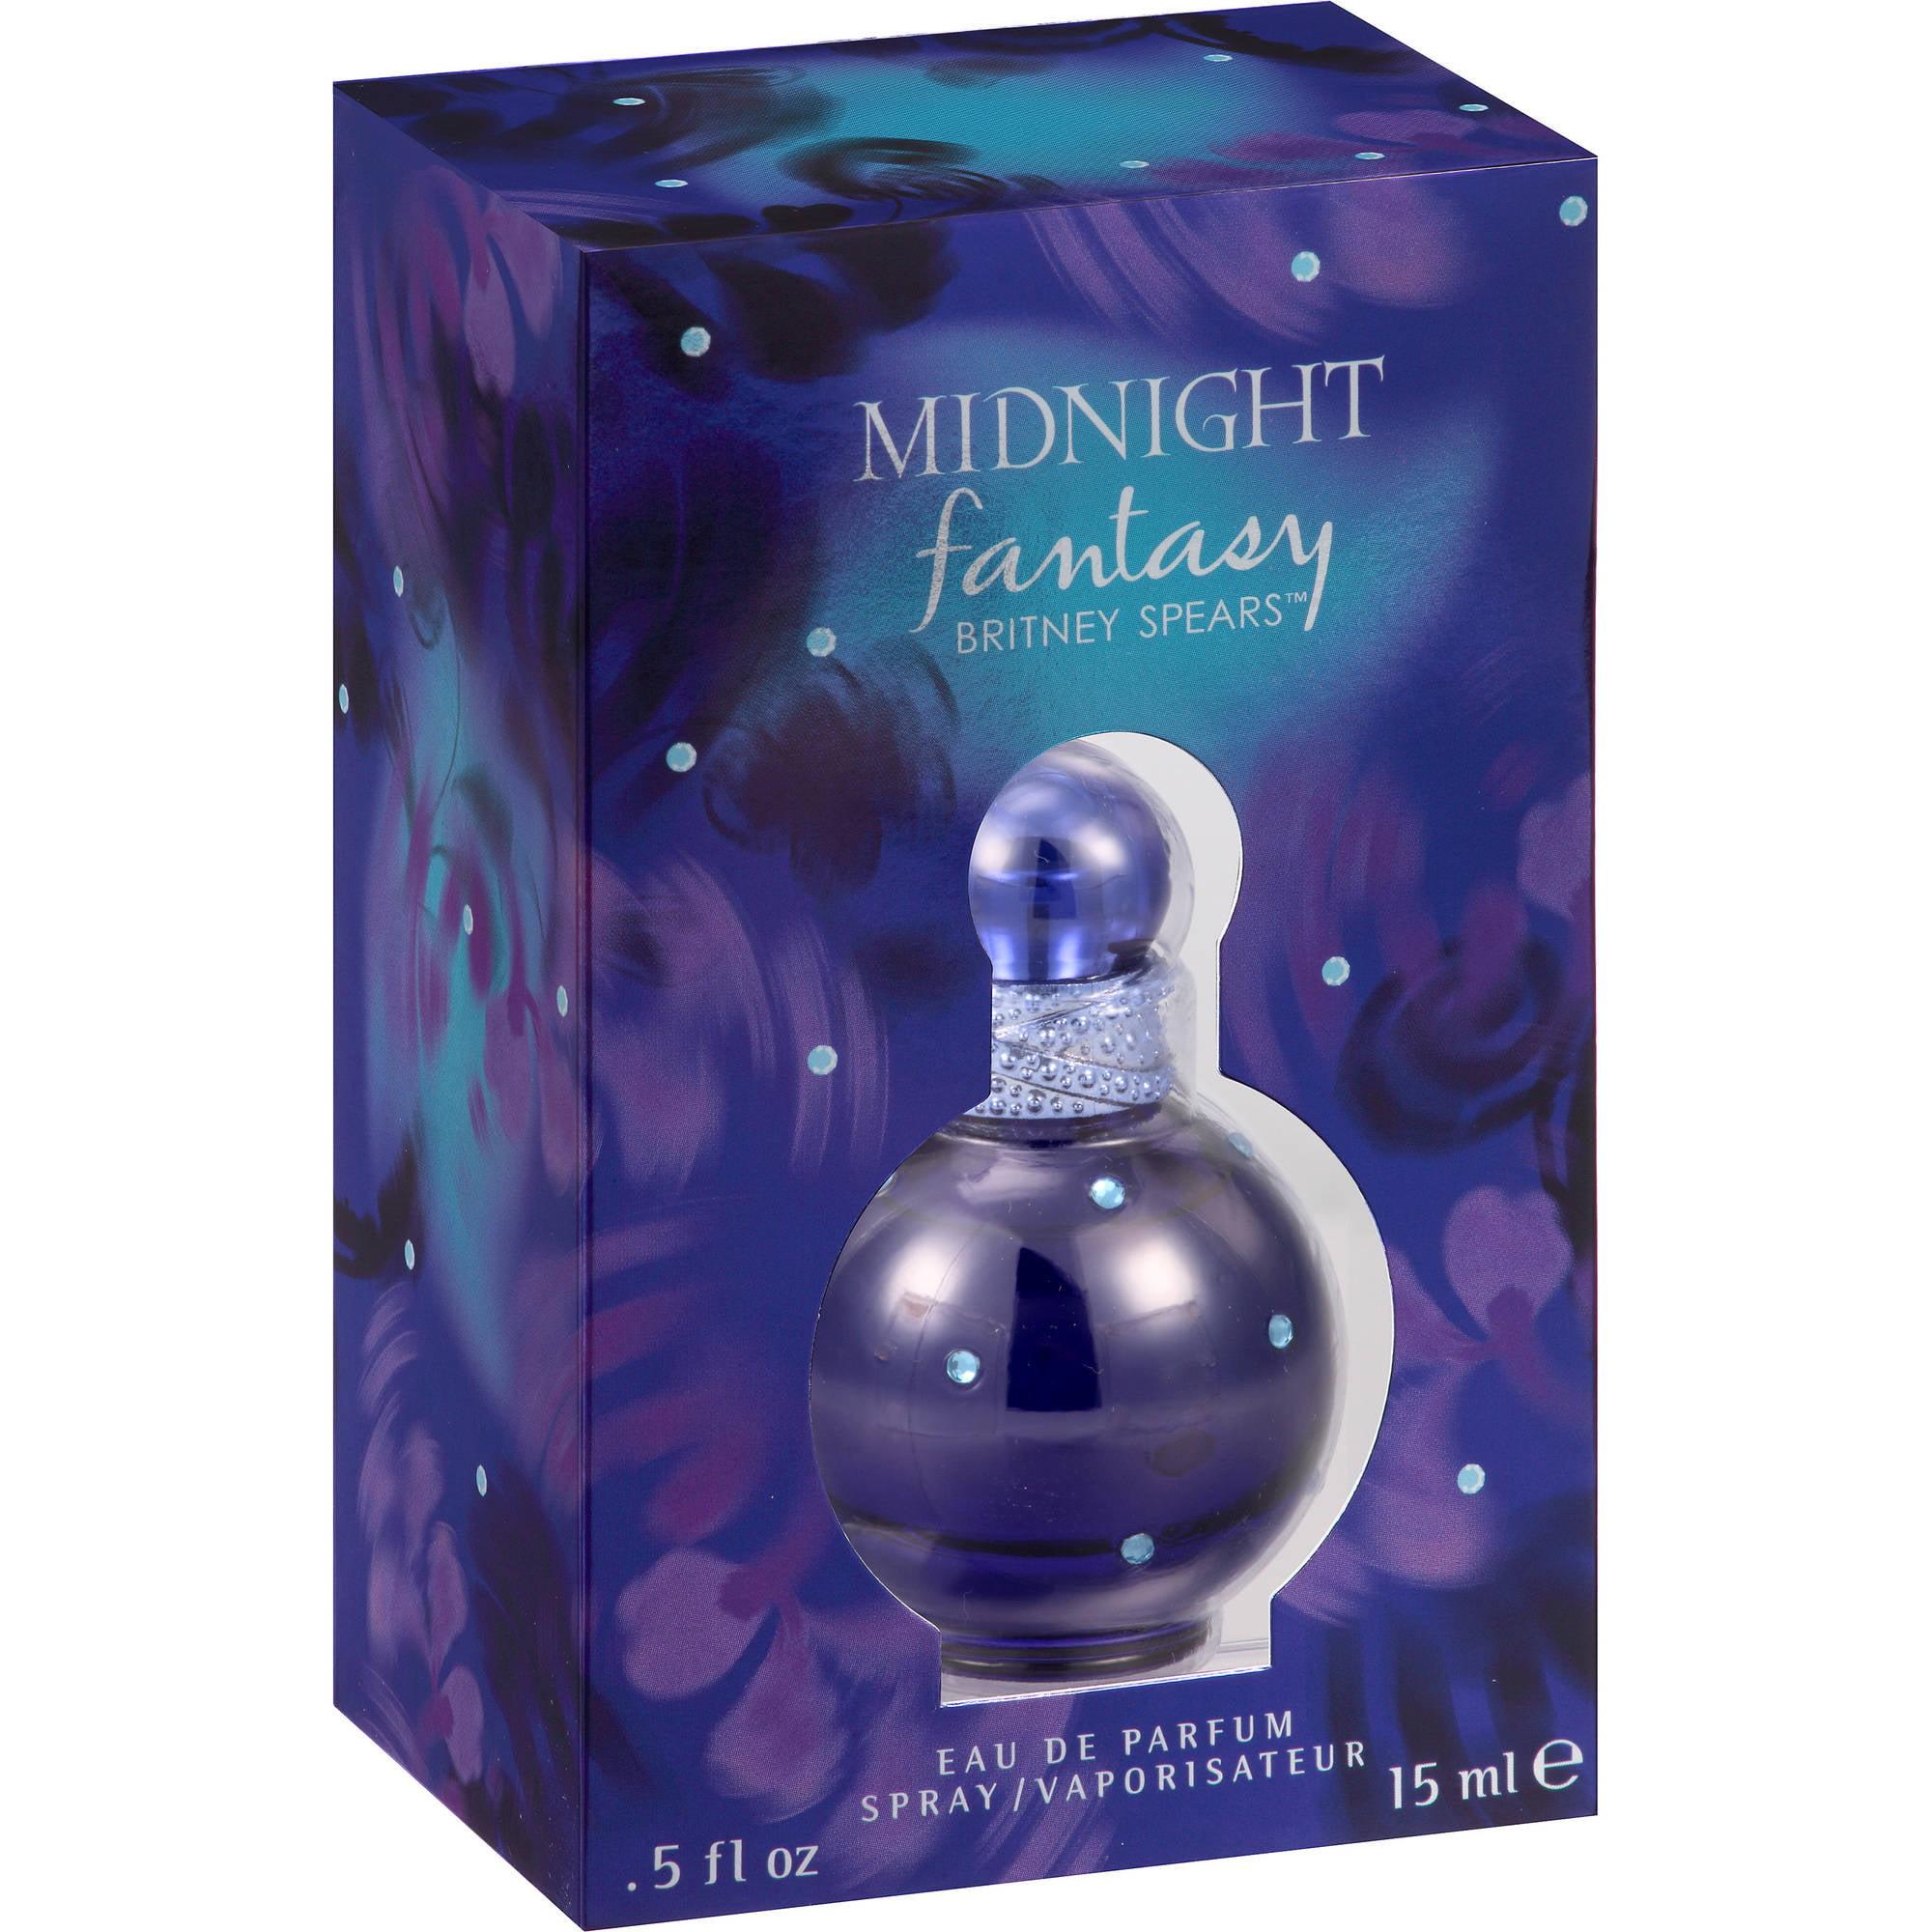 Britney Spears Midnight Fantasy Eau de Parfum Spray, 0.5 fl oz